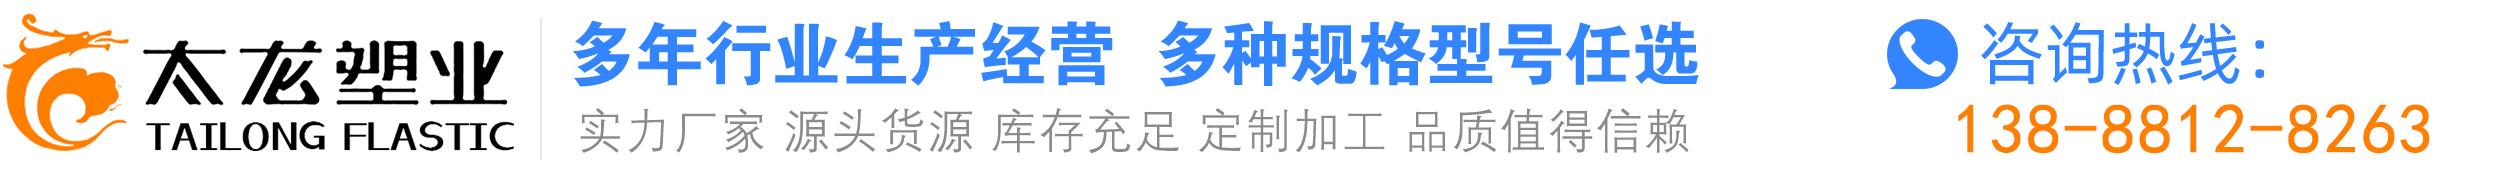 云南太龙塑业